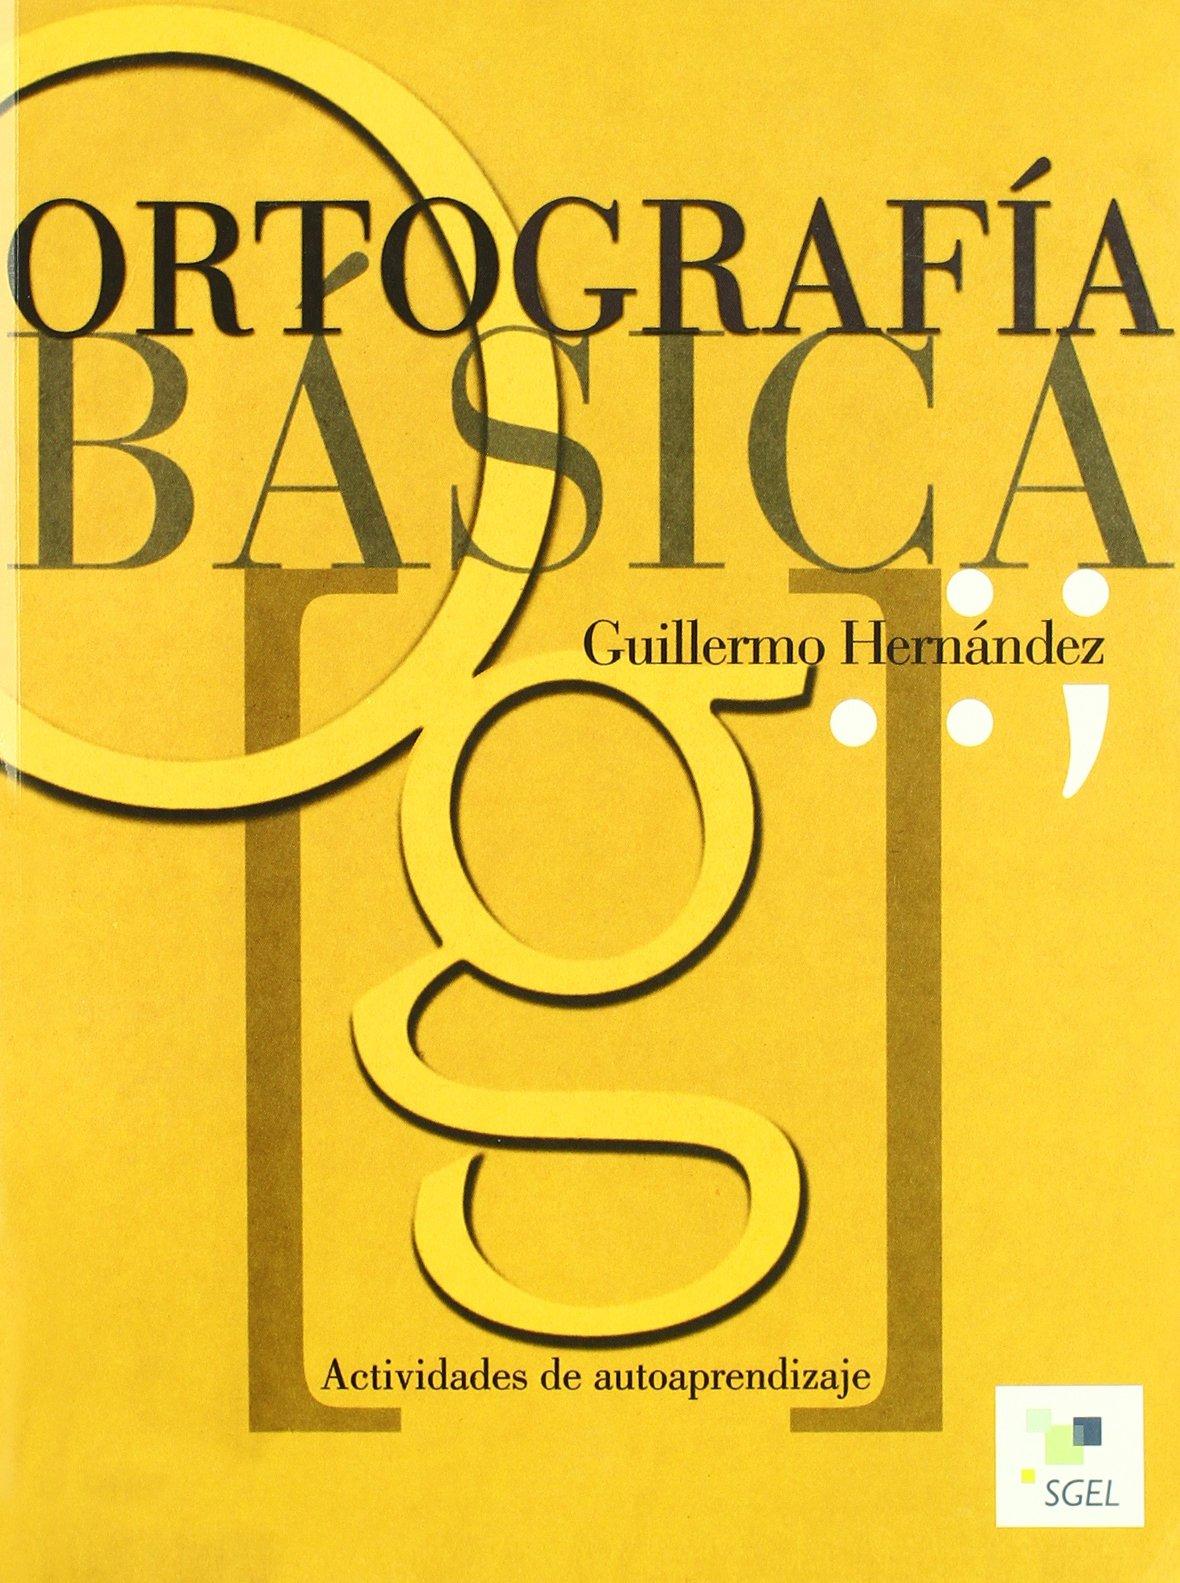 Ortografía básica (Cuadernas de...): Amazon.es: Guillermo Hernández: Libros